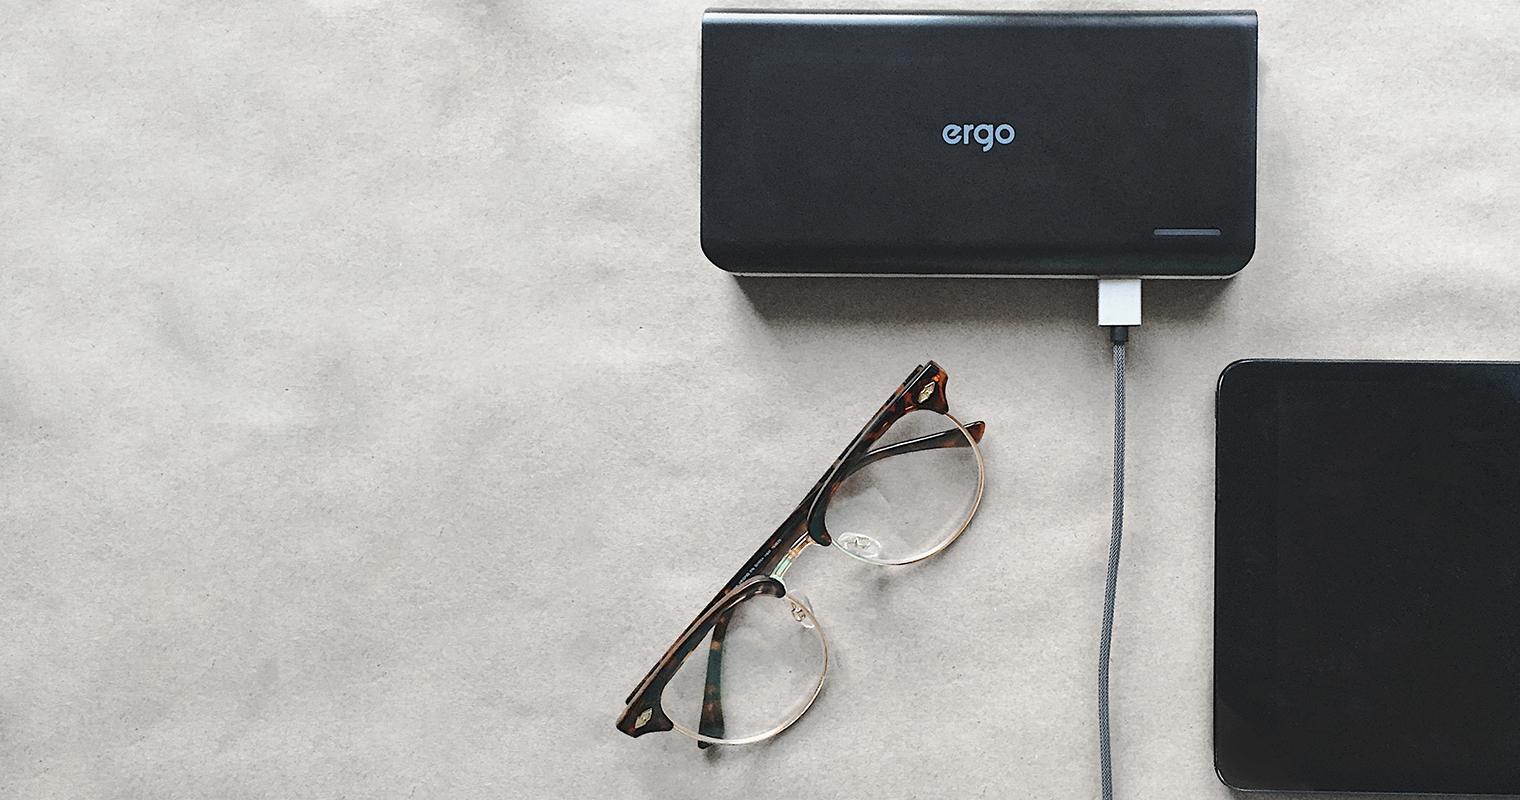 Топ-10 мобильных батарей по версии Comfy. Всегда есть время для подзарядки! - батарея Ergo